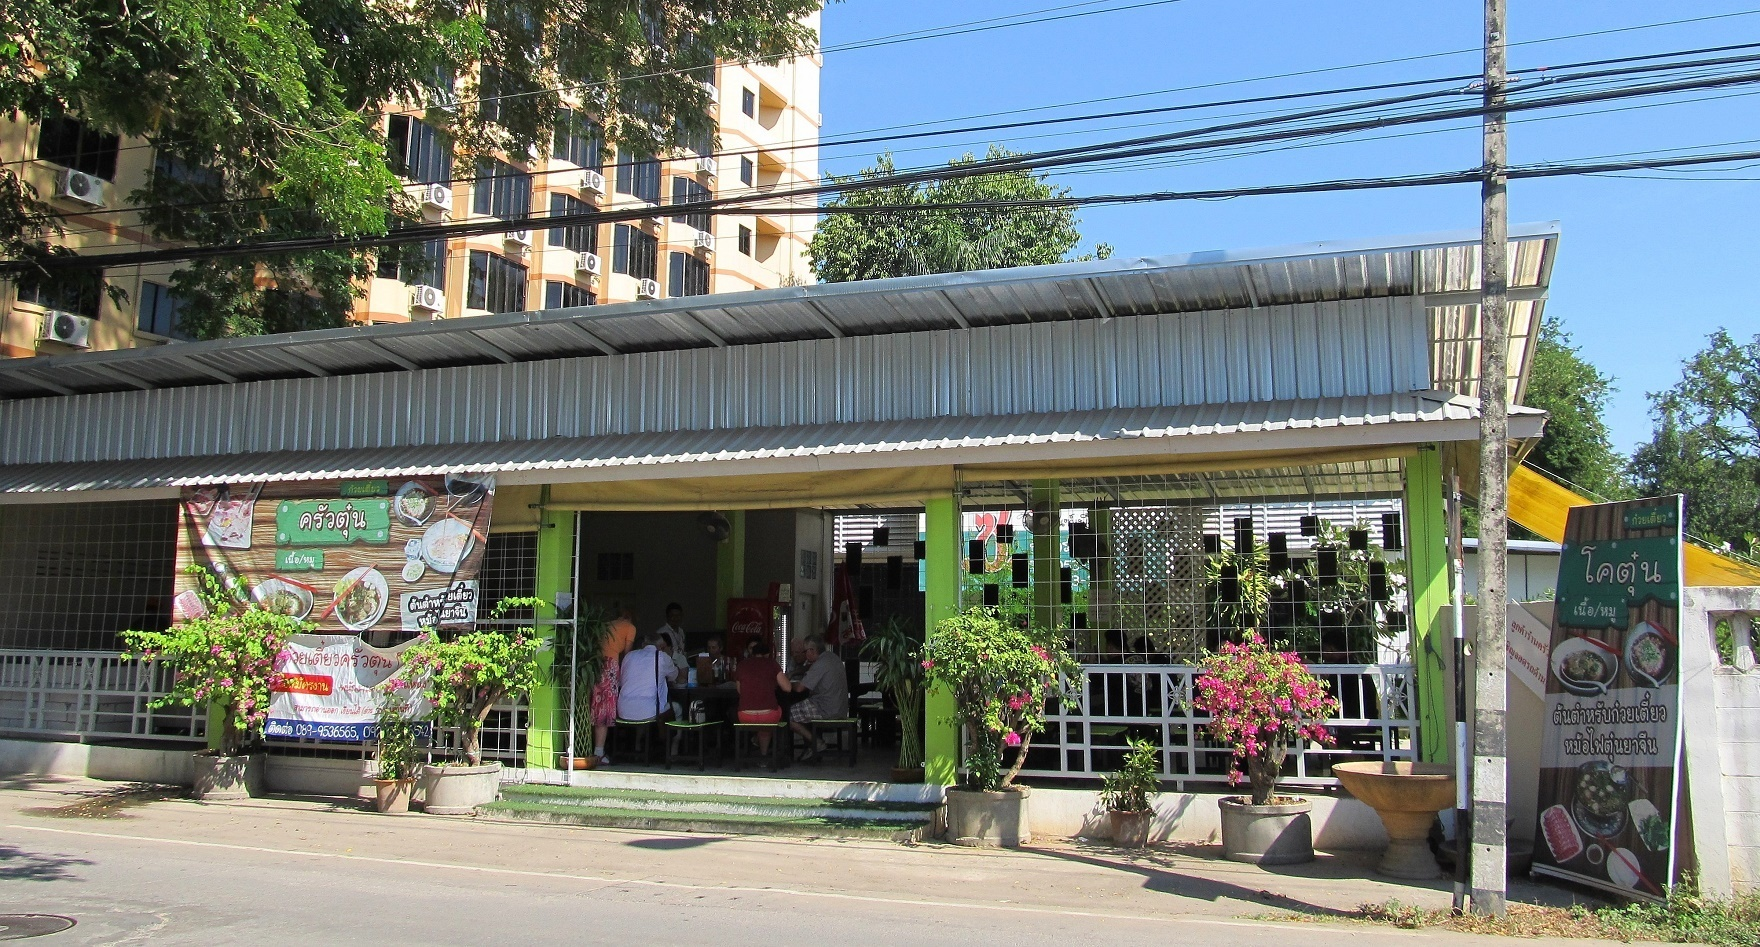 Restaurace Krua Toon - Chiang Mai